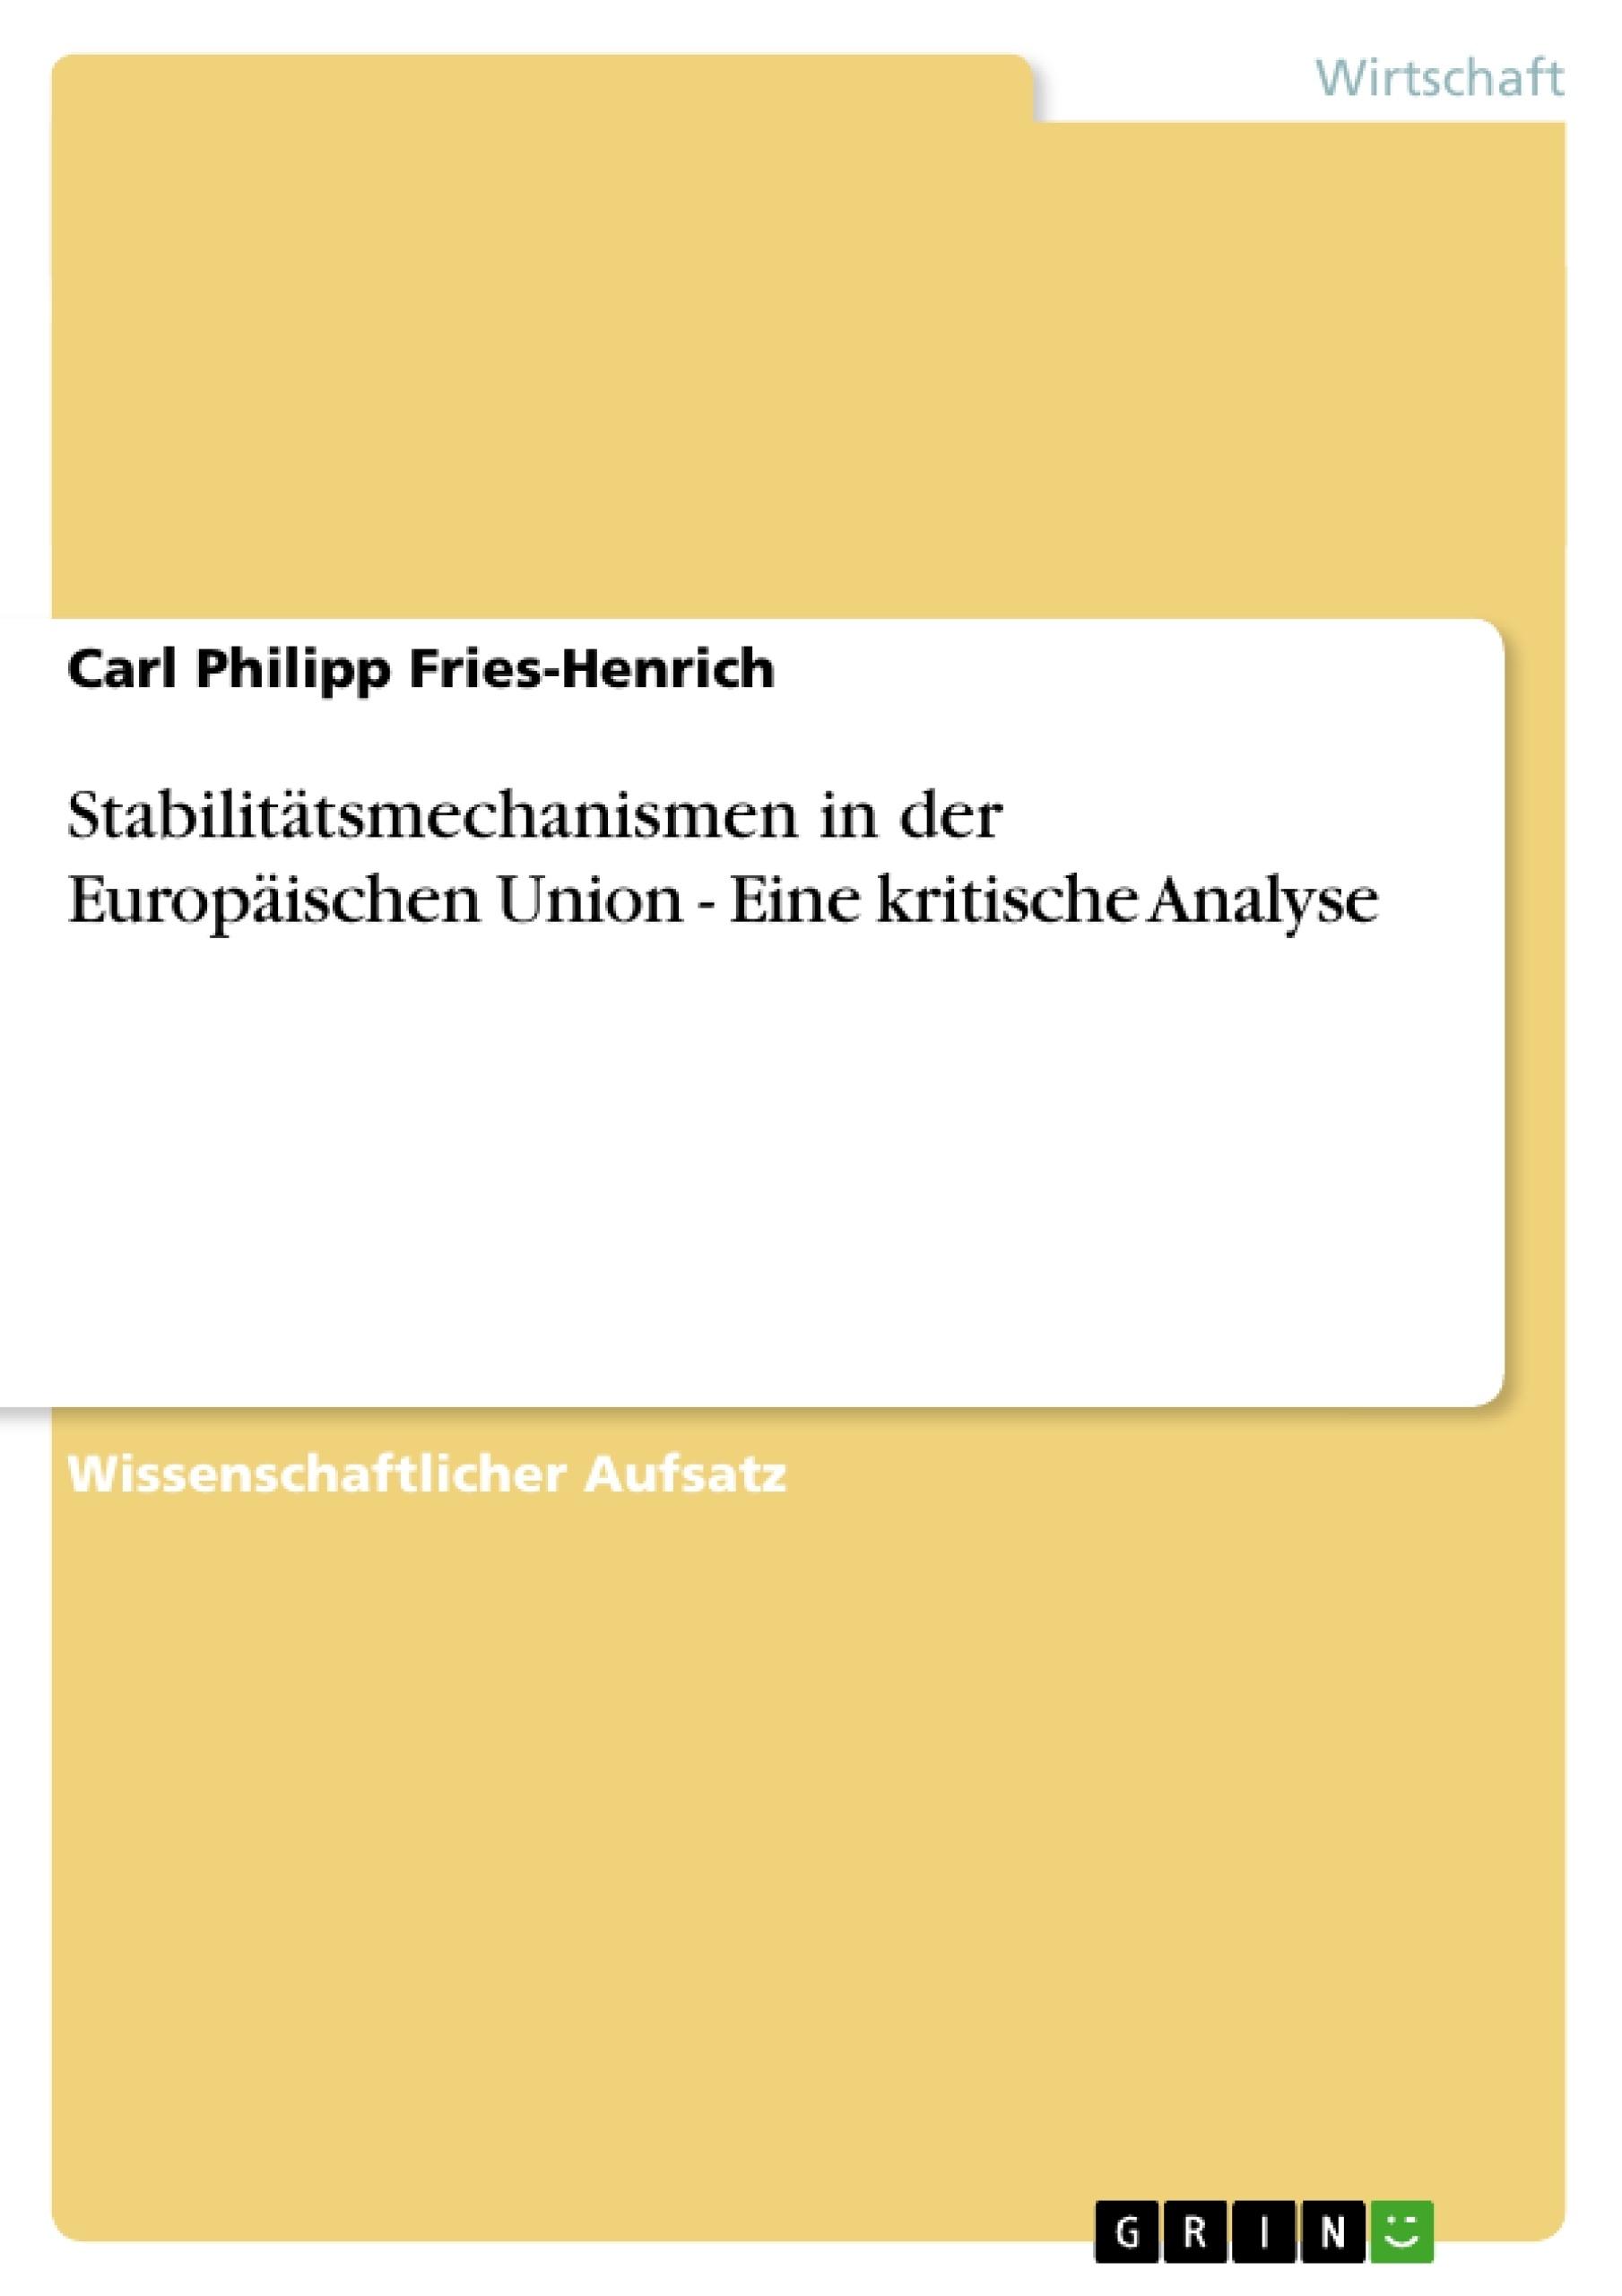 Titel: Stabilitätsmechanismen in der Europäischen Union - Eine kritische Analyse